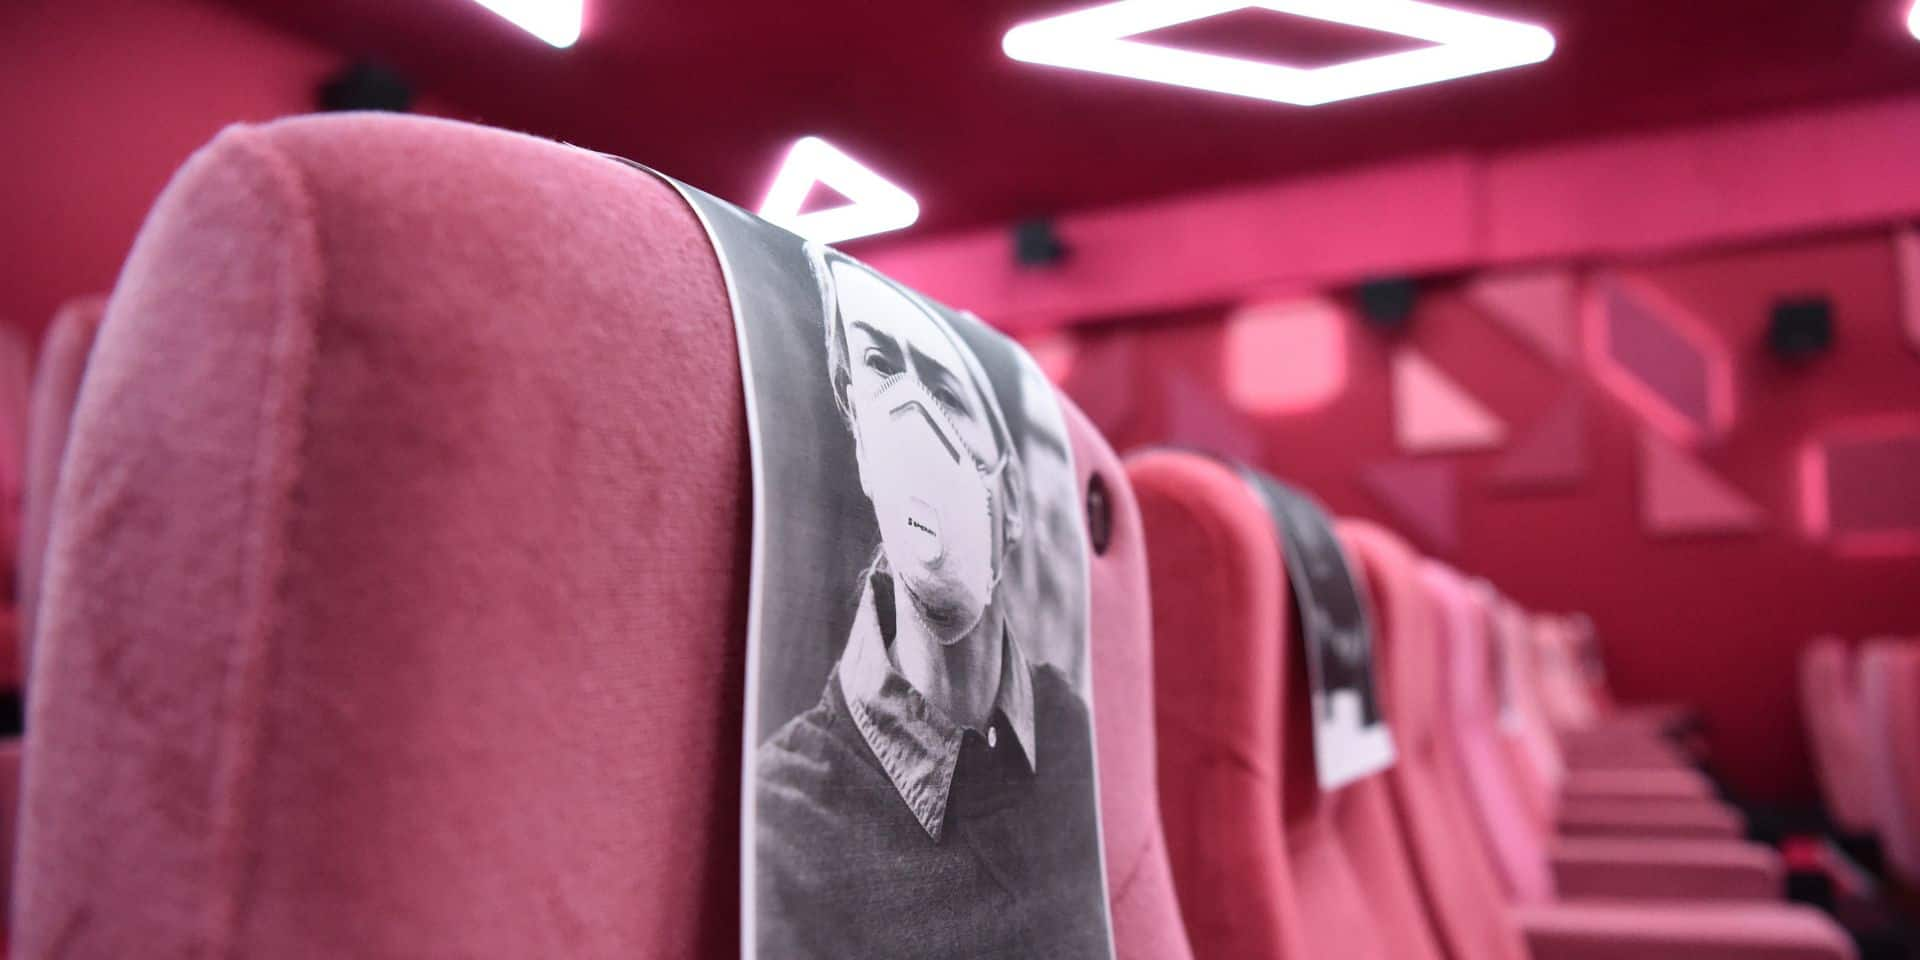 Des places à 1 euro: les cinémas lancent une opération pour soutenir la réouverture des salles